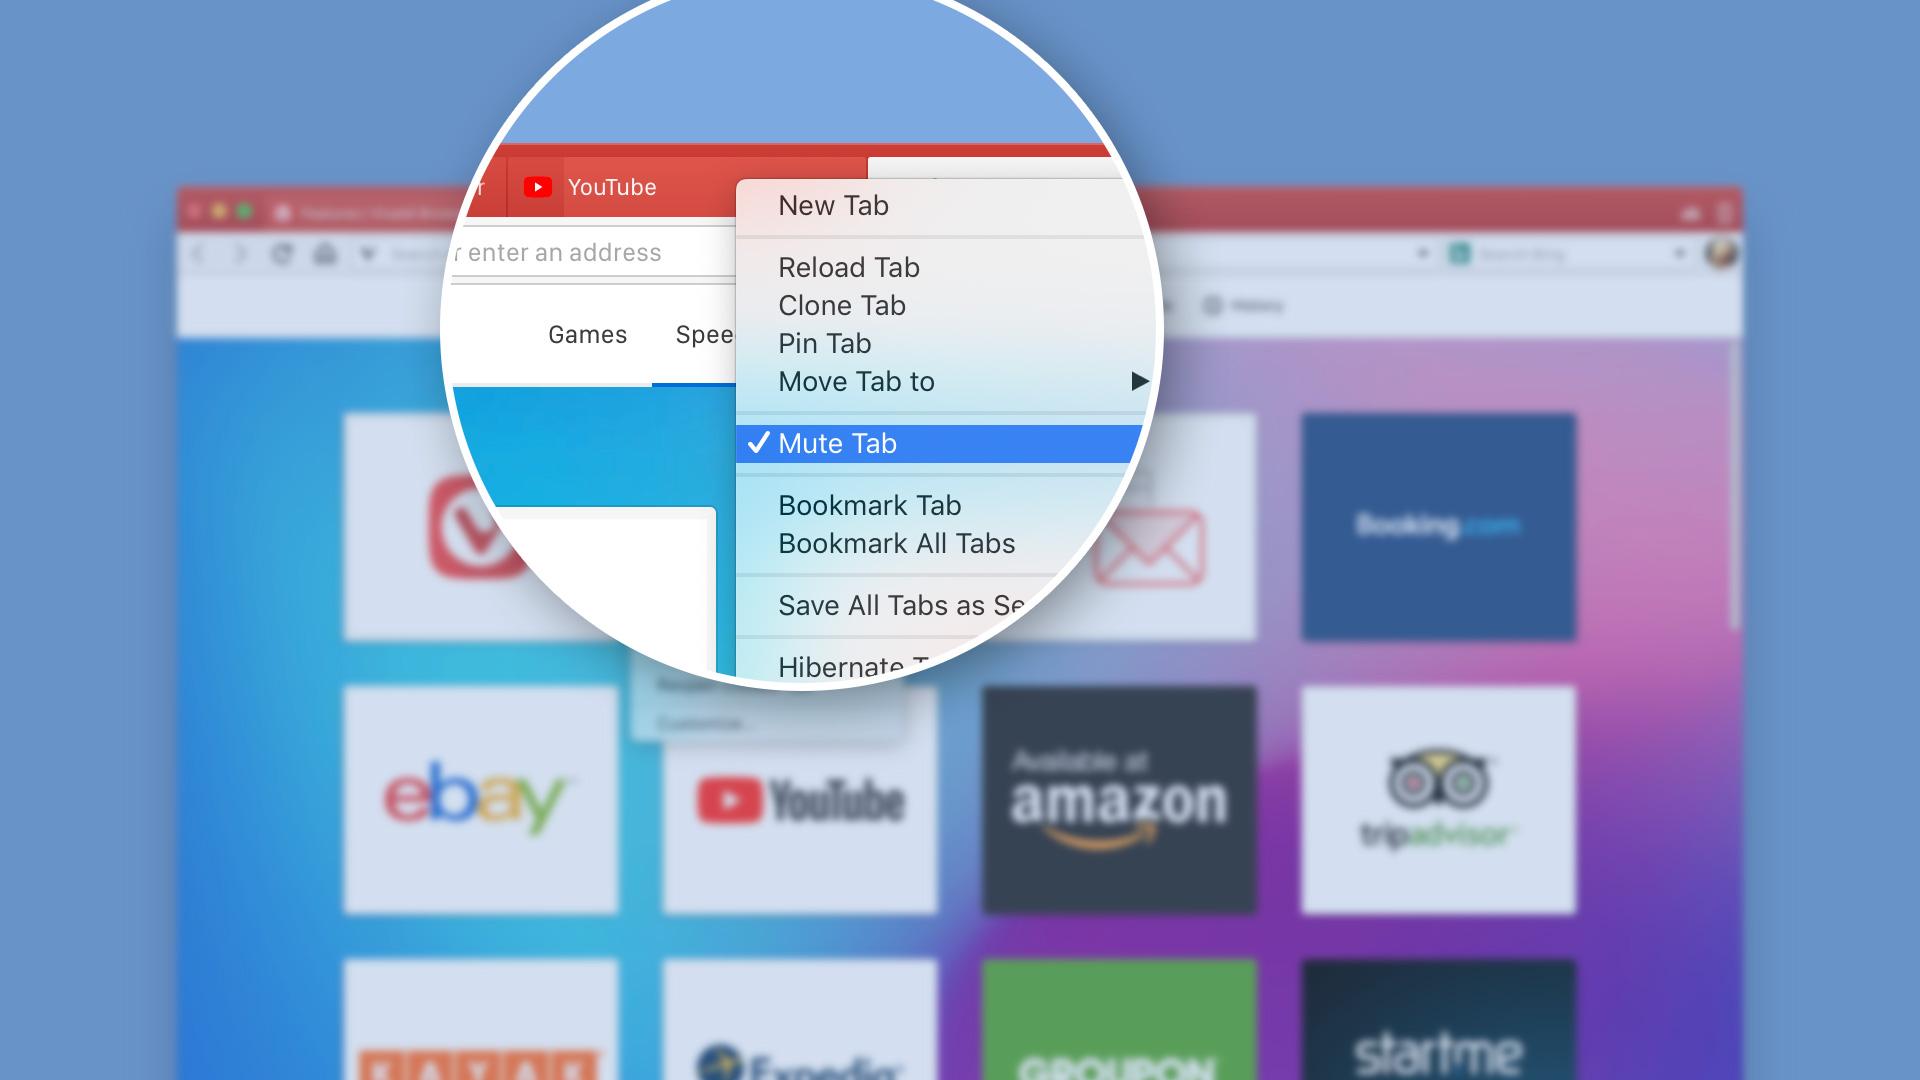 Muting tabs in Vivaldi browser